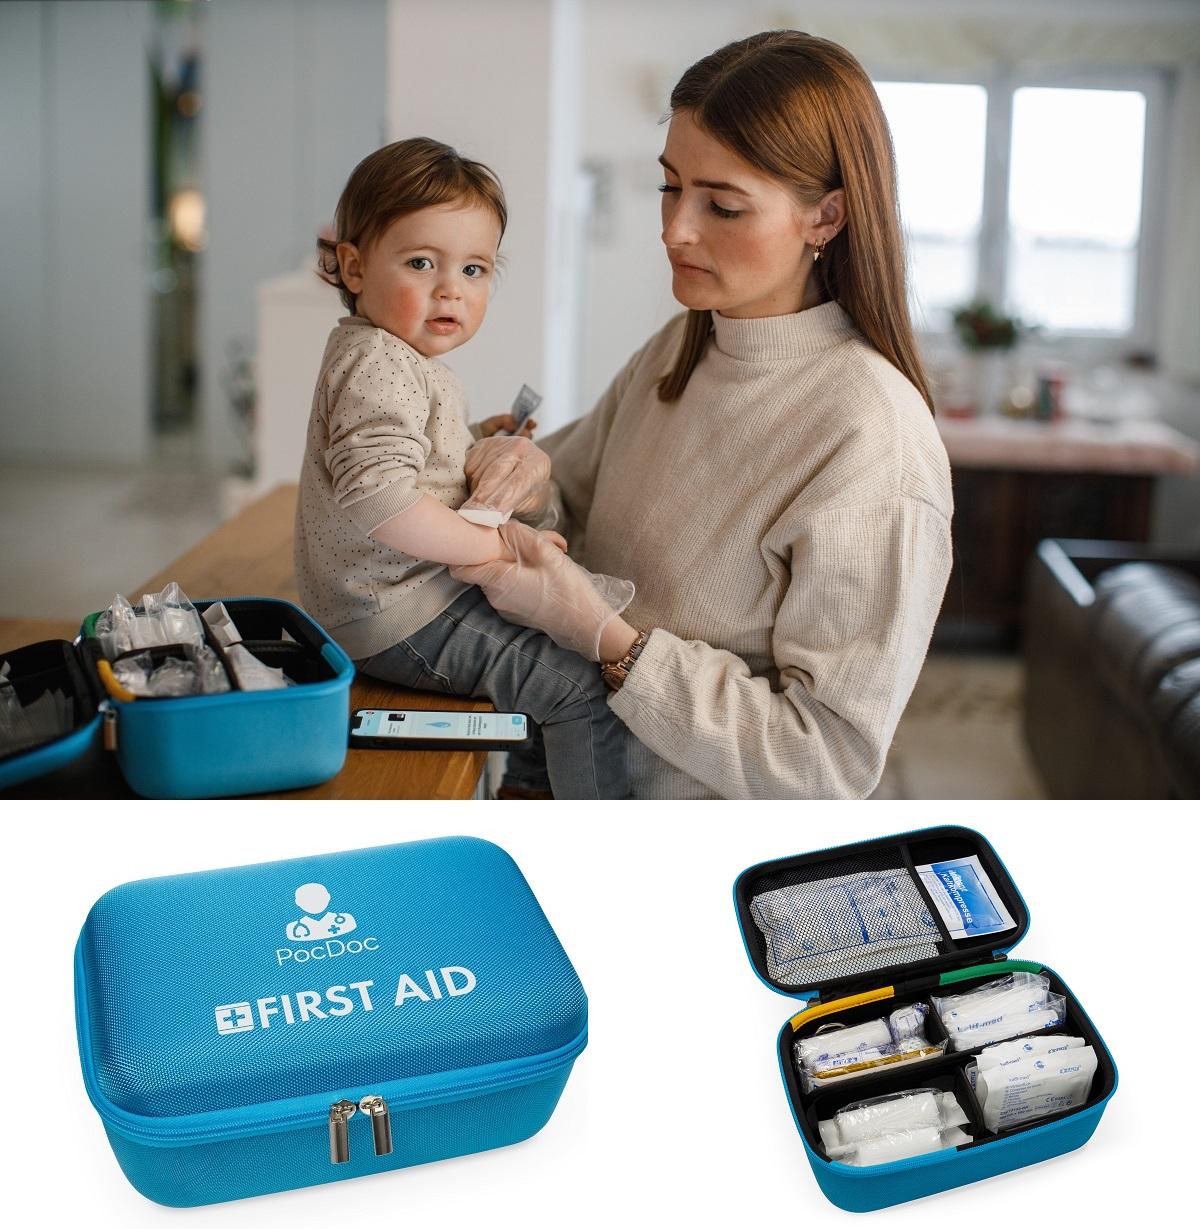 PocDoc-System aus Verbandkasten und App bietet Ersthilfe-Maßnahmen für Kinder und Säuglinge.